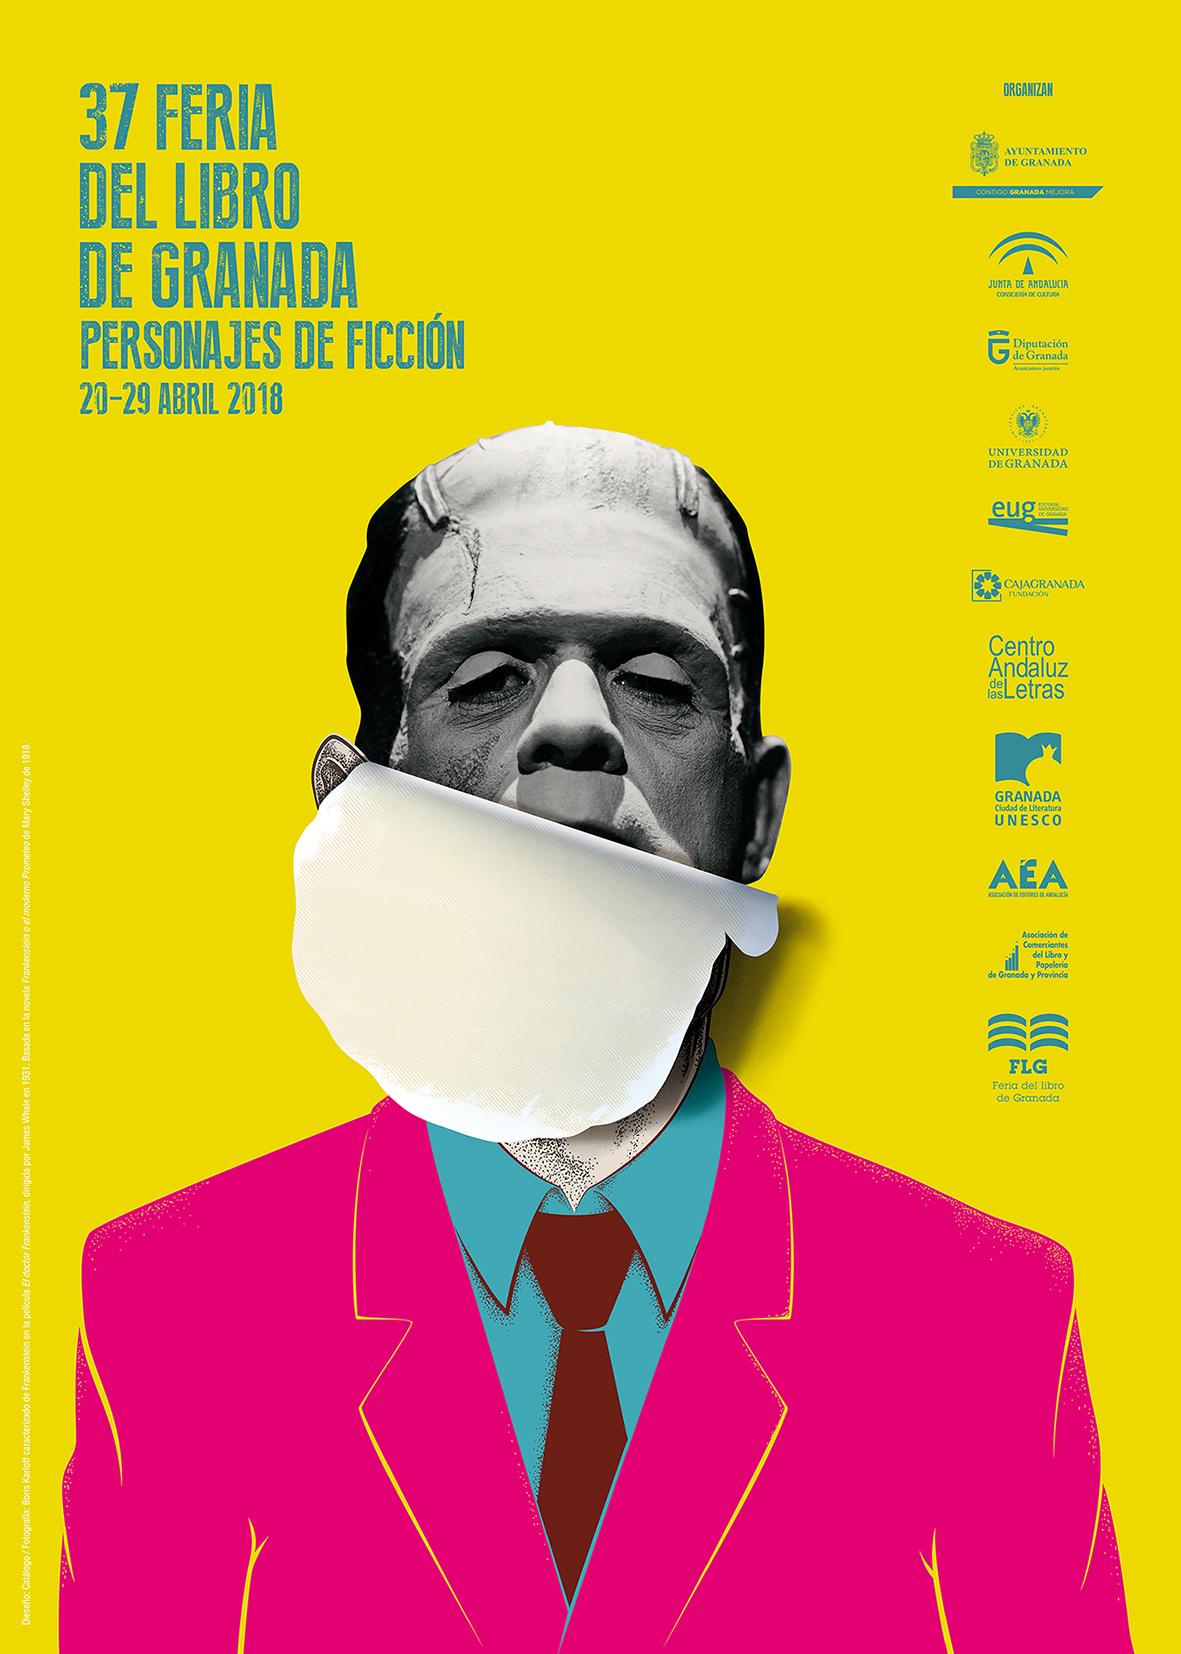 Más de 150 autores y 80 exposiciones participan en la XXXVII Edición de la Feria del Libro de Granada